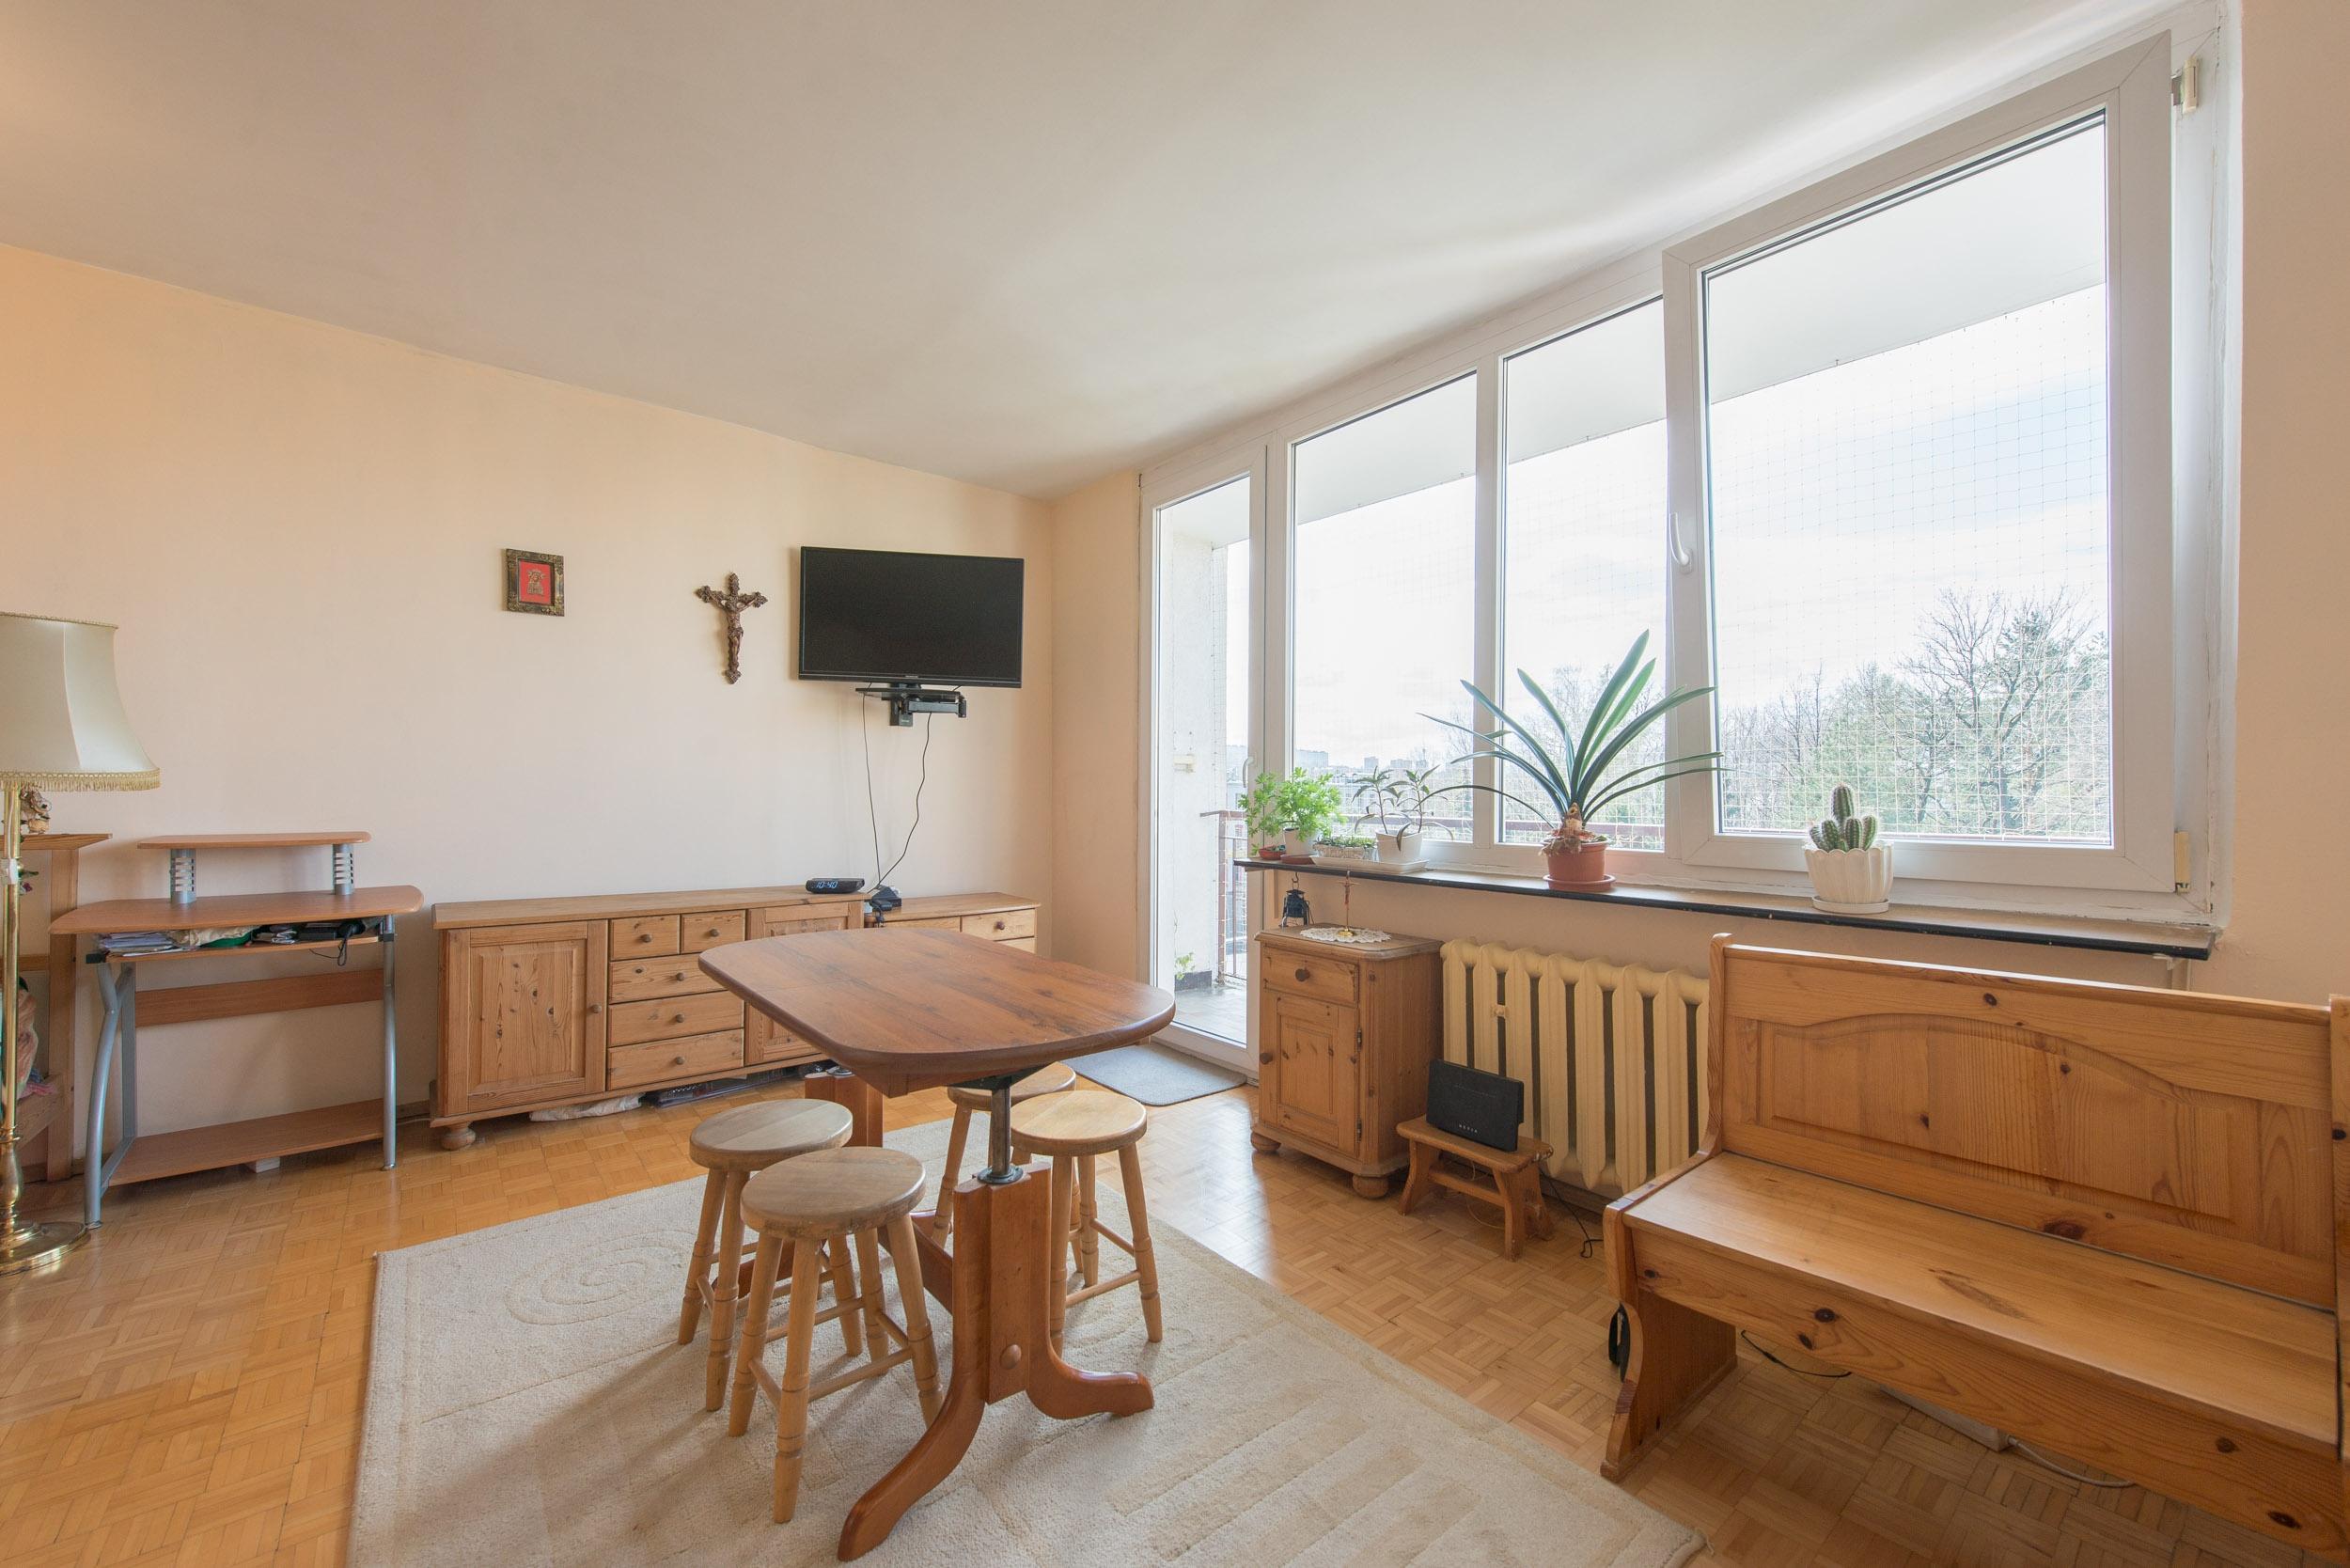 Zdjęcie 9Mieszkanie w centrum Bielska-Białej